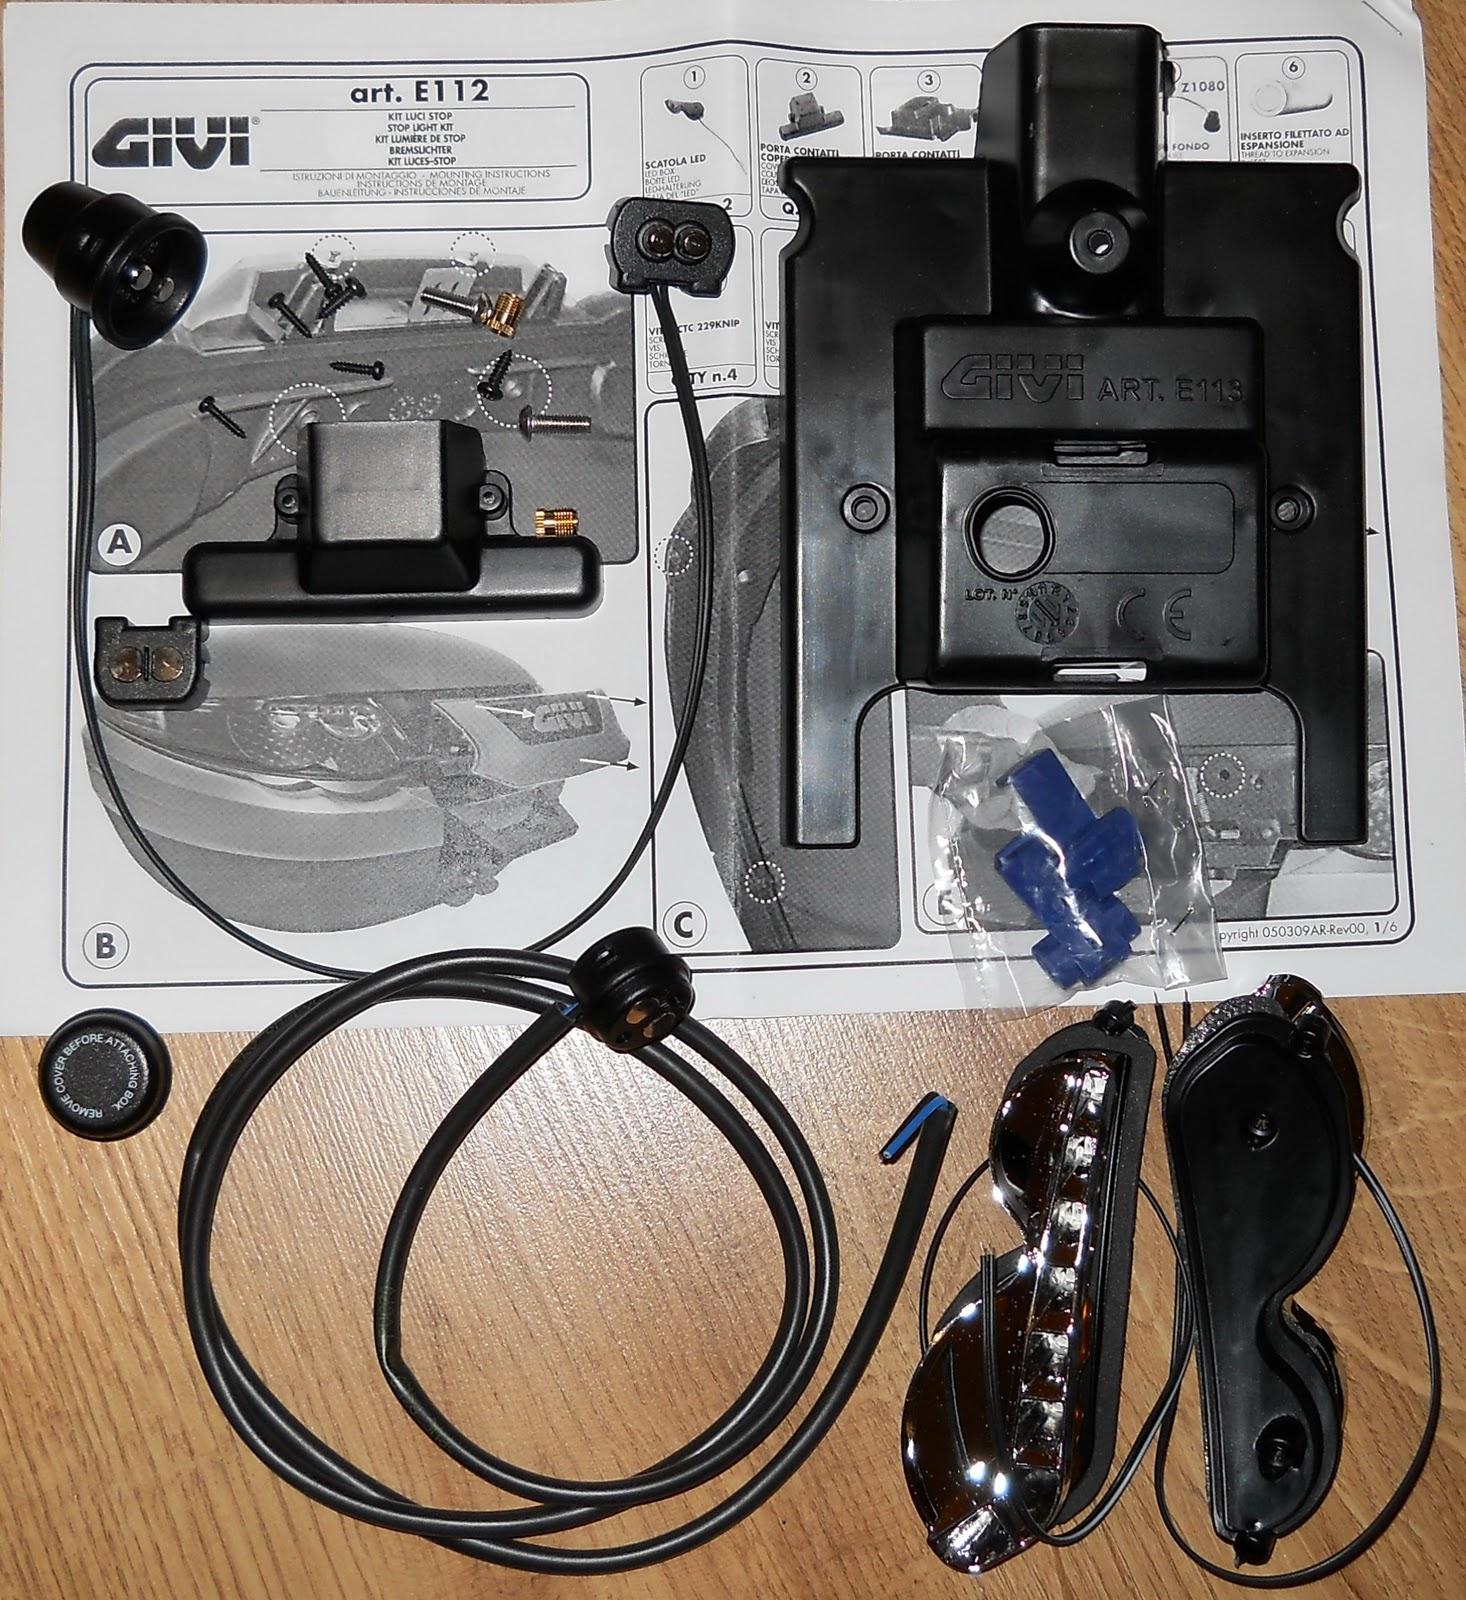 Givi e112 kit luci stop a led per baule valigia givi e55 for Kit per baule logati a mano